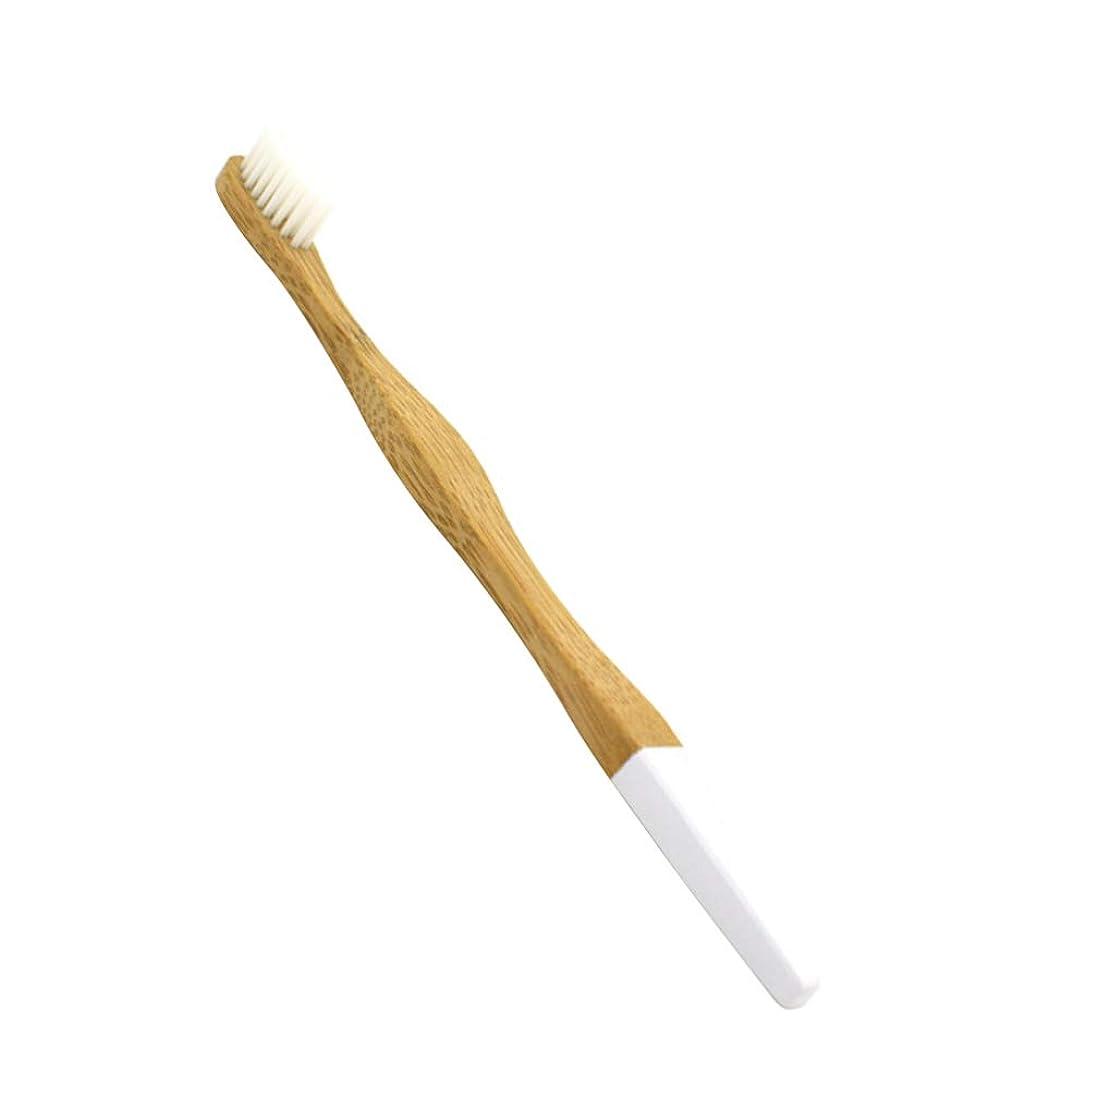 ダウン勇者何かHealifty 竹の歯ブラシ生分解性の柔らかい歯ブラシ柔らかいブラシクラフトペーパーバッグ包装大人1個(白)